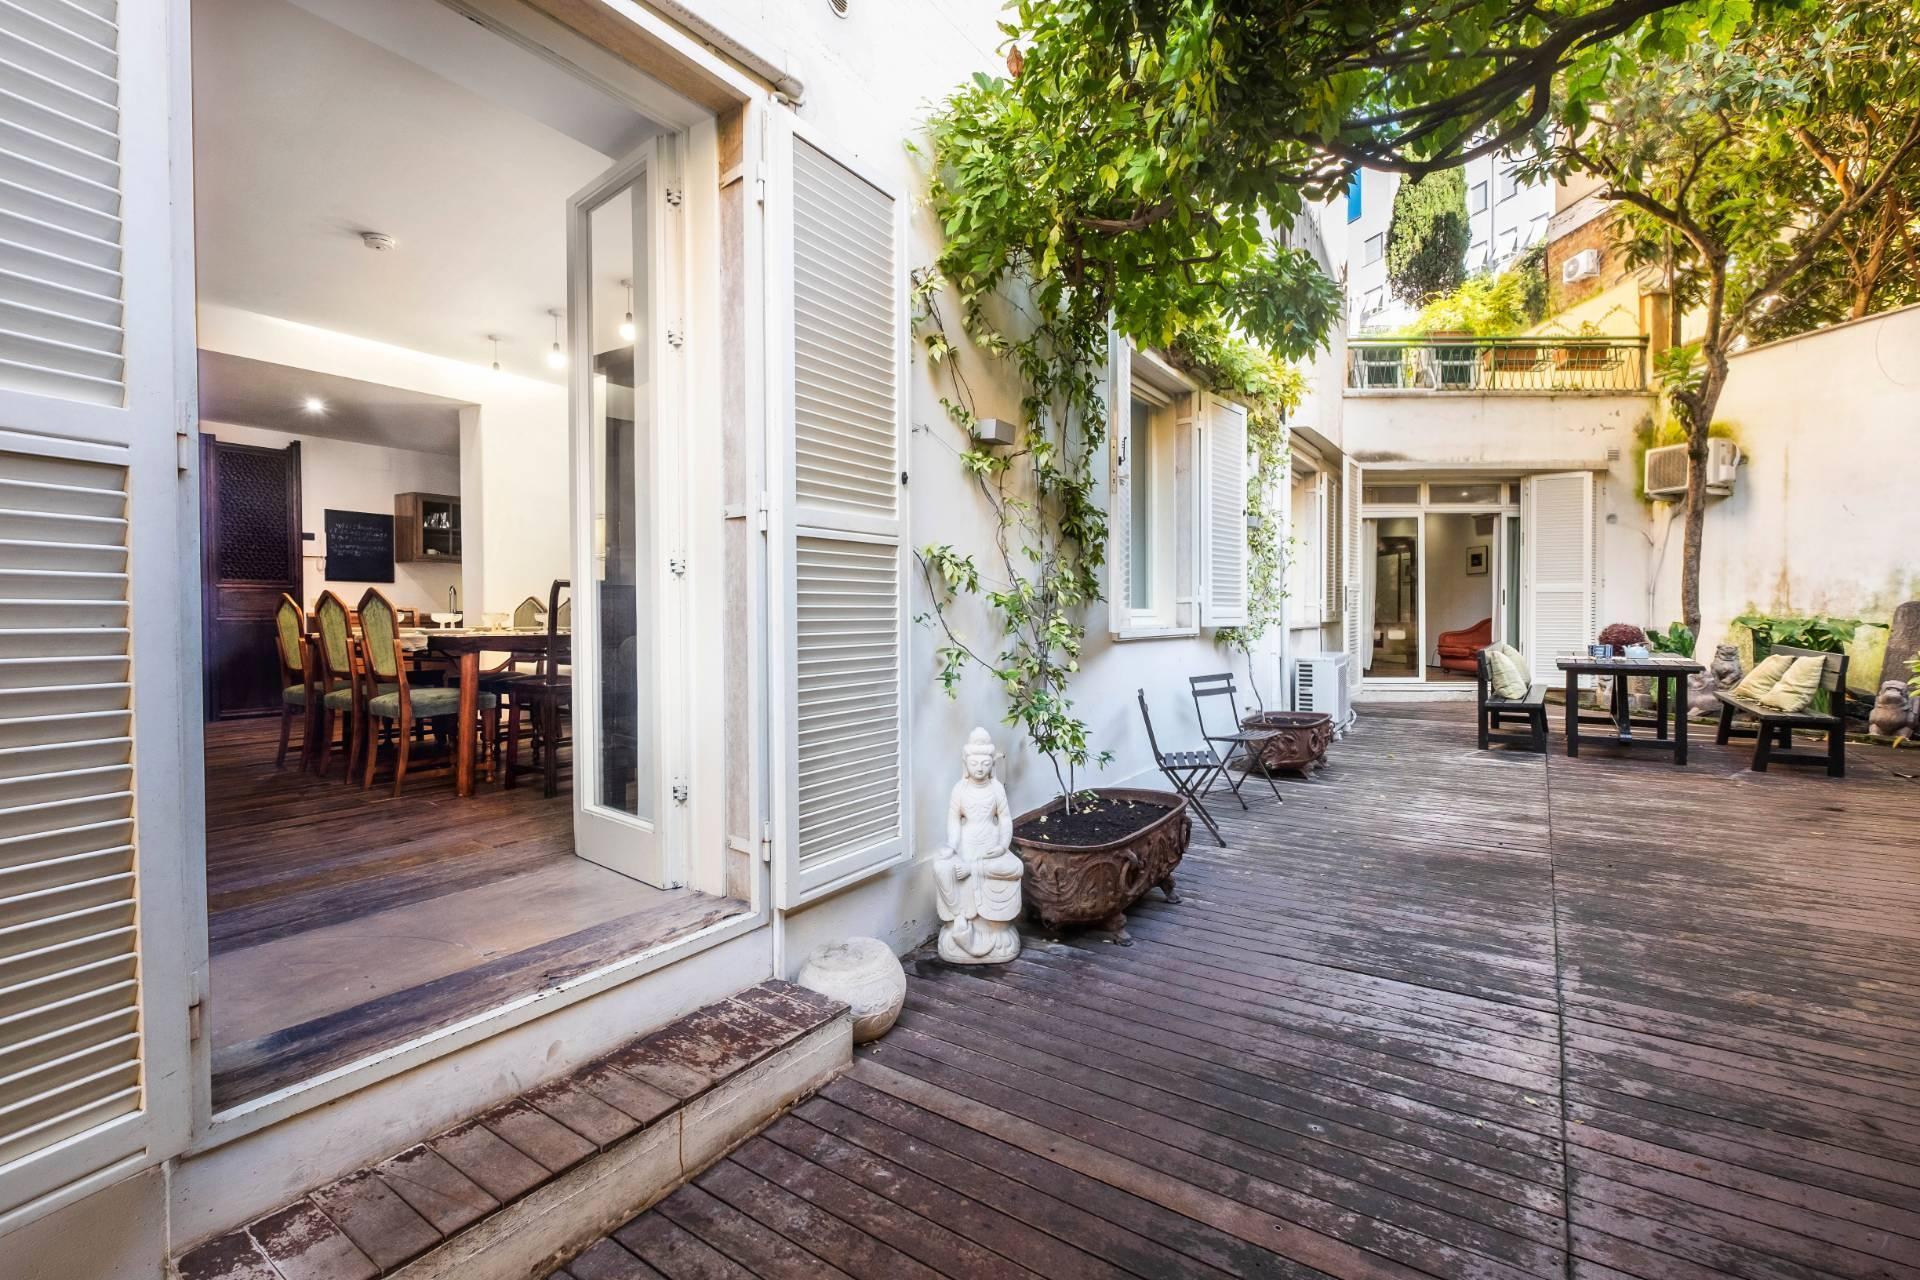 Appartamento all'Aventino con incantevole giardino privato - 26